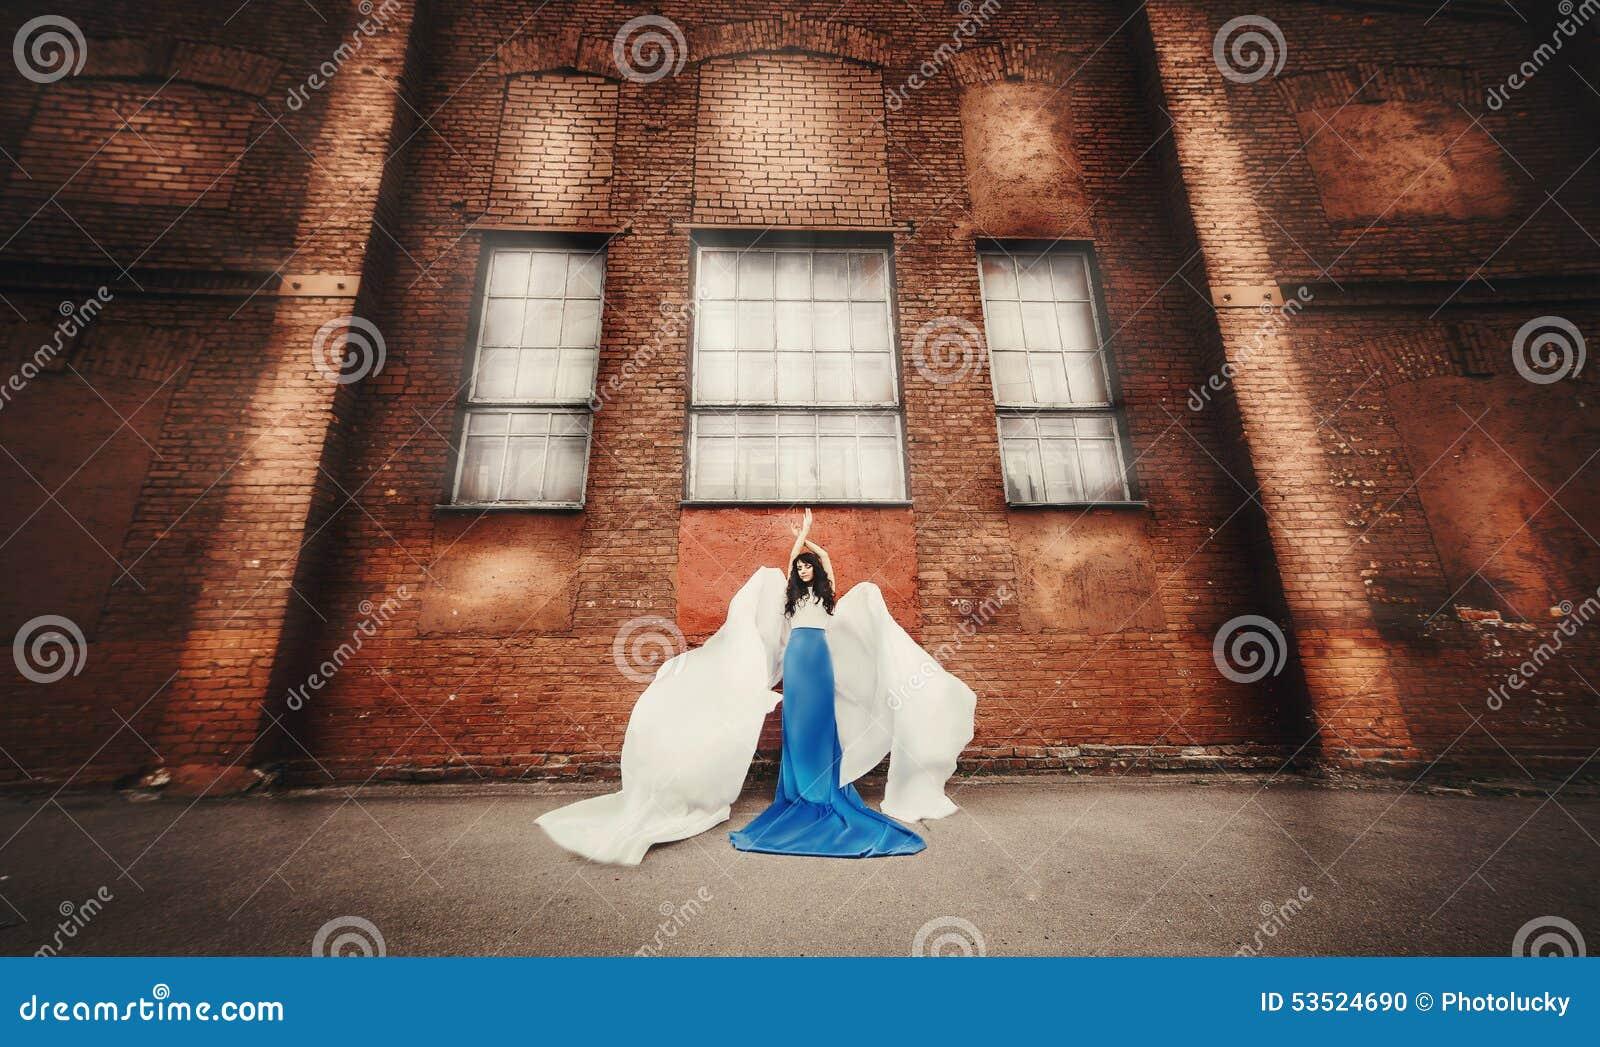 青白的礼服天使的长发浅黑肤色的男人